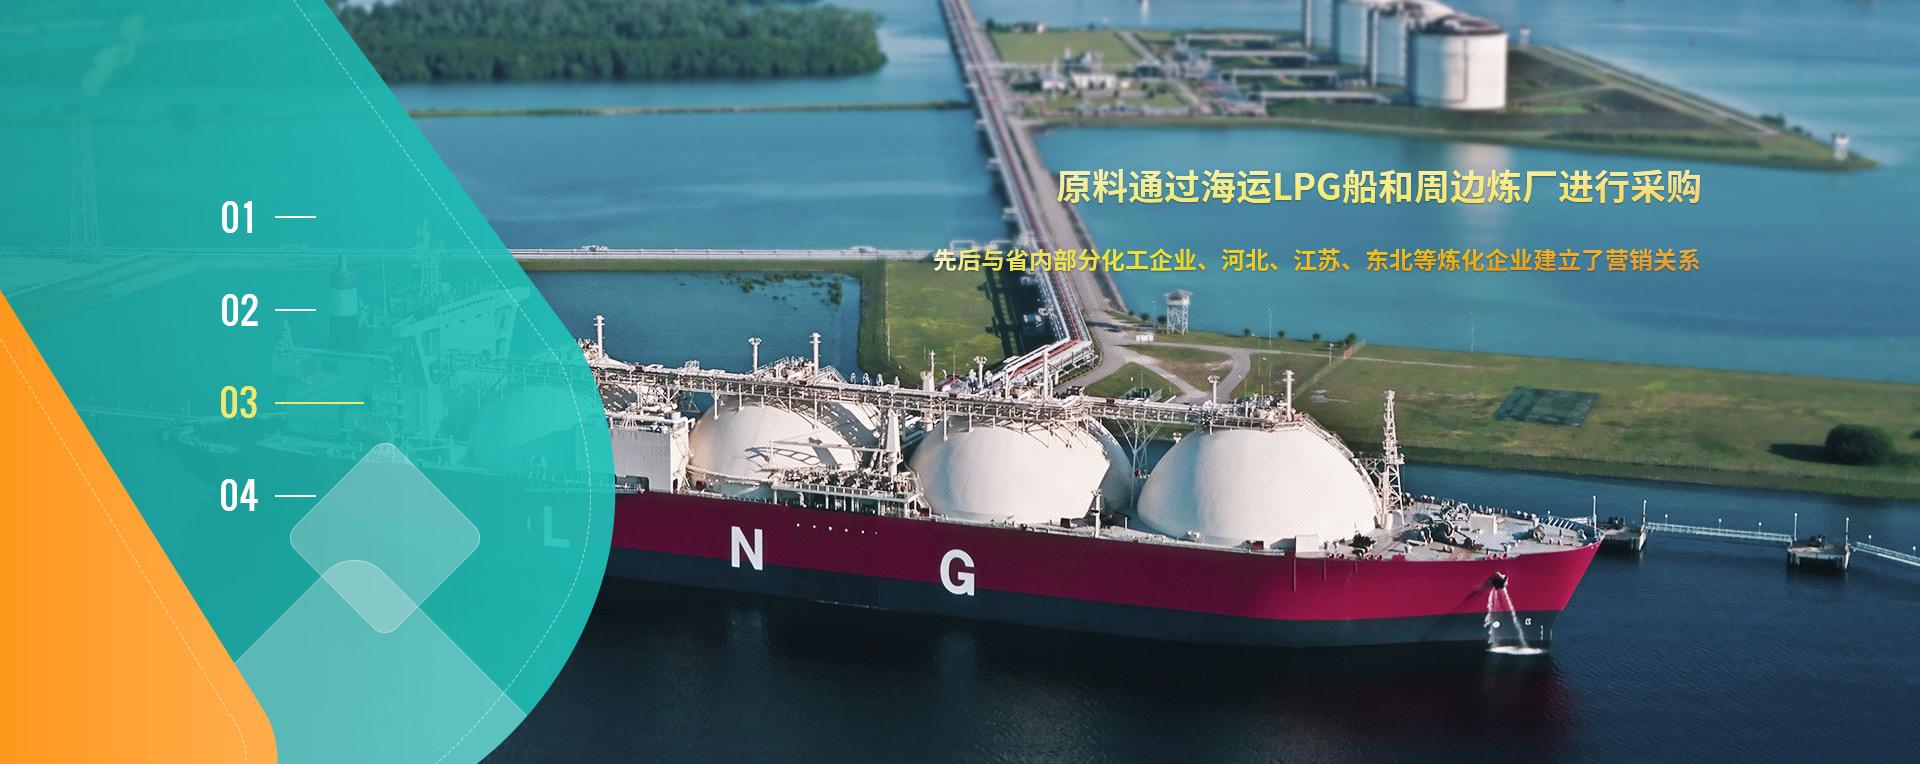 原料通過海運LPG船和周邊煉廠進行采購